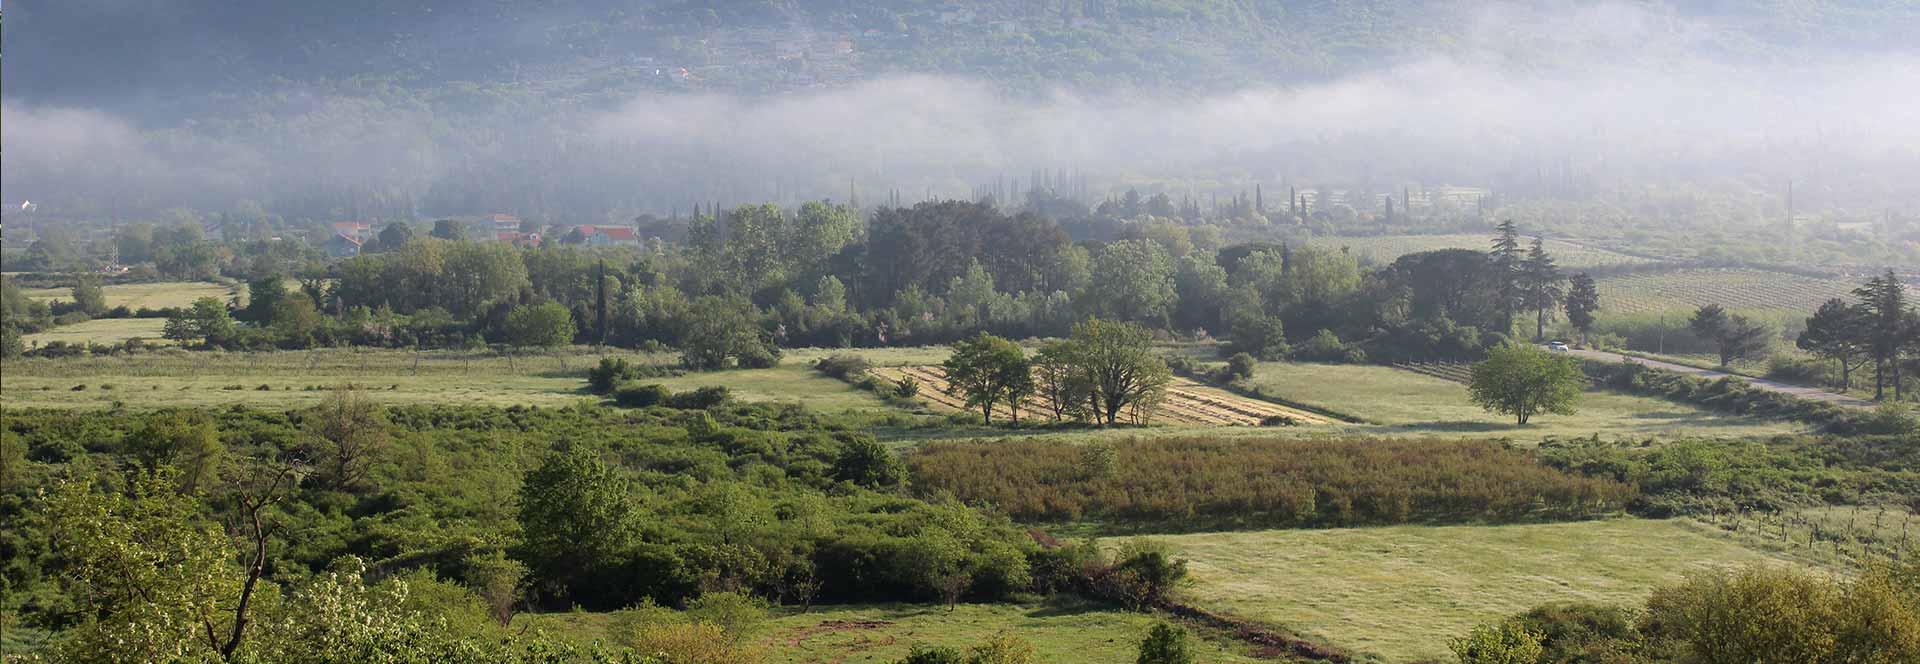 Konavle, Konavosko polje